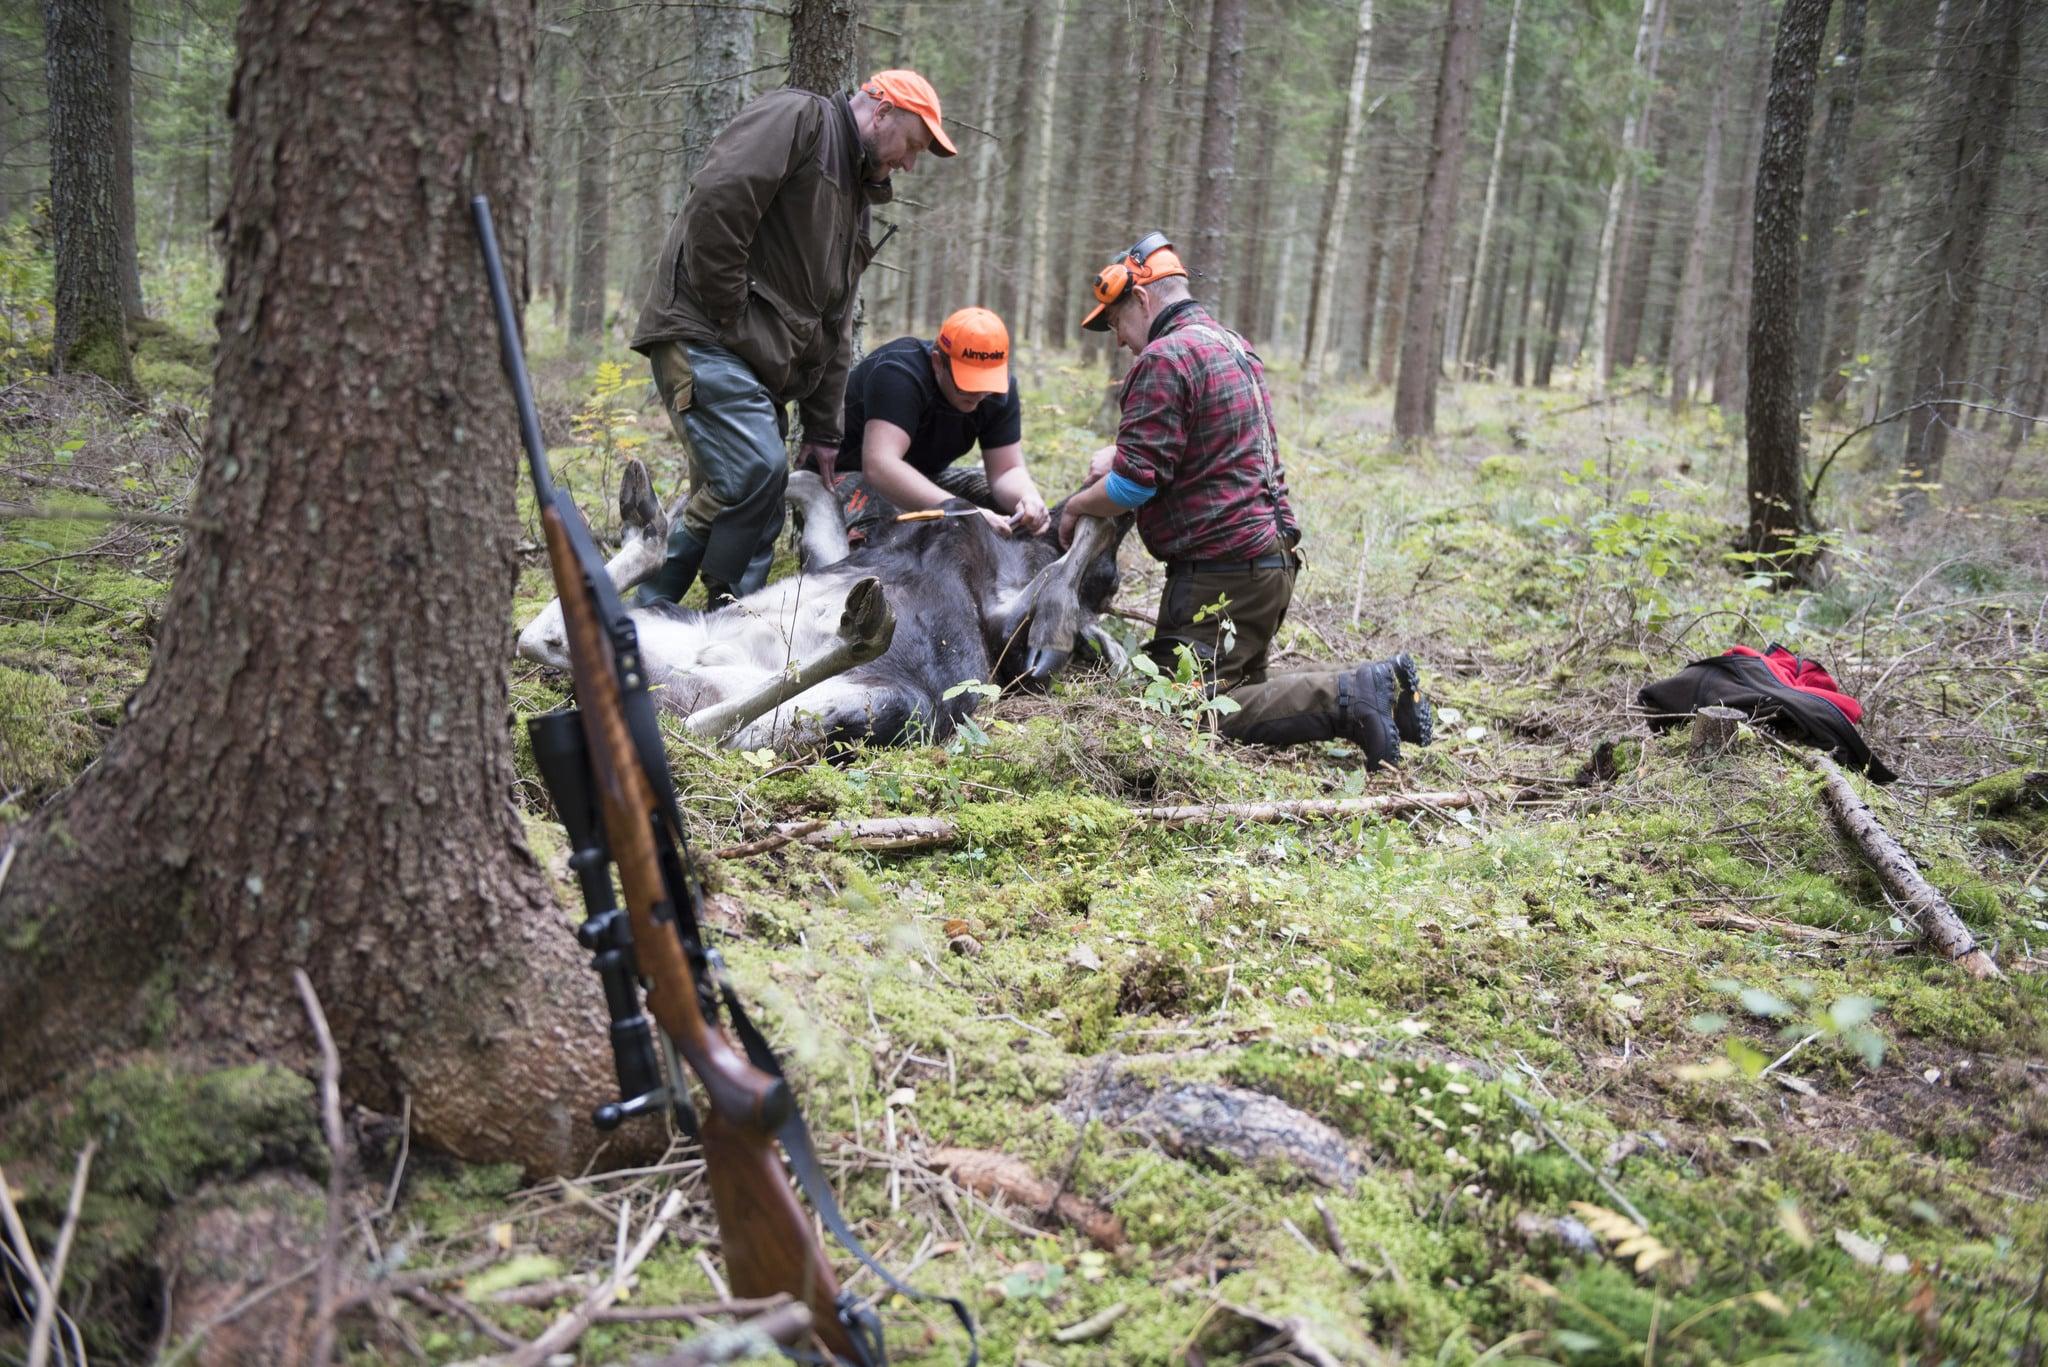 Jägarna i västra Blekinge kan jaga älg, men utan en fungerande styrning i förvaltningsområdet blir älgstammen lidande. Foto: Jan Henricson